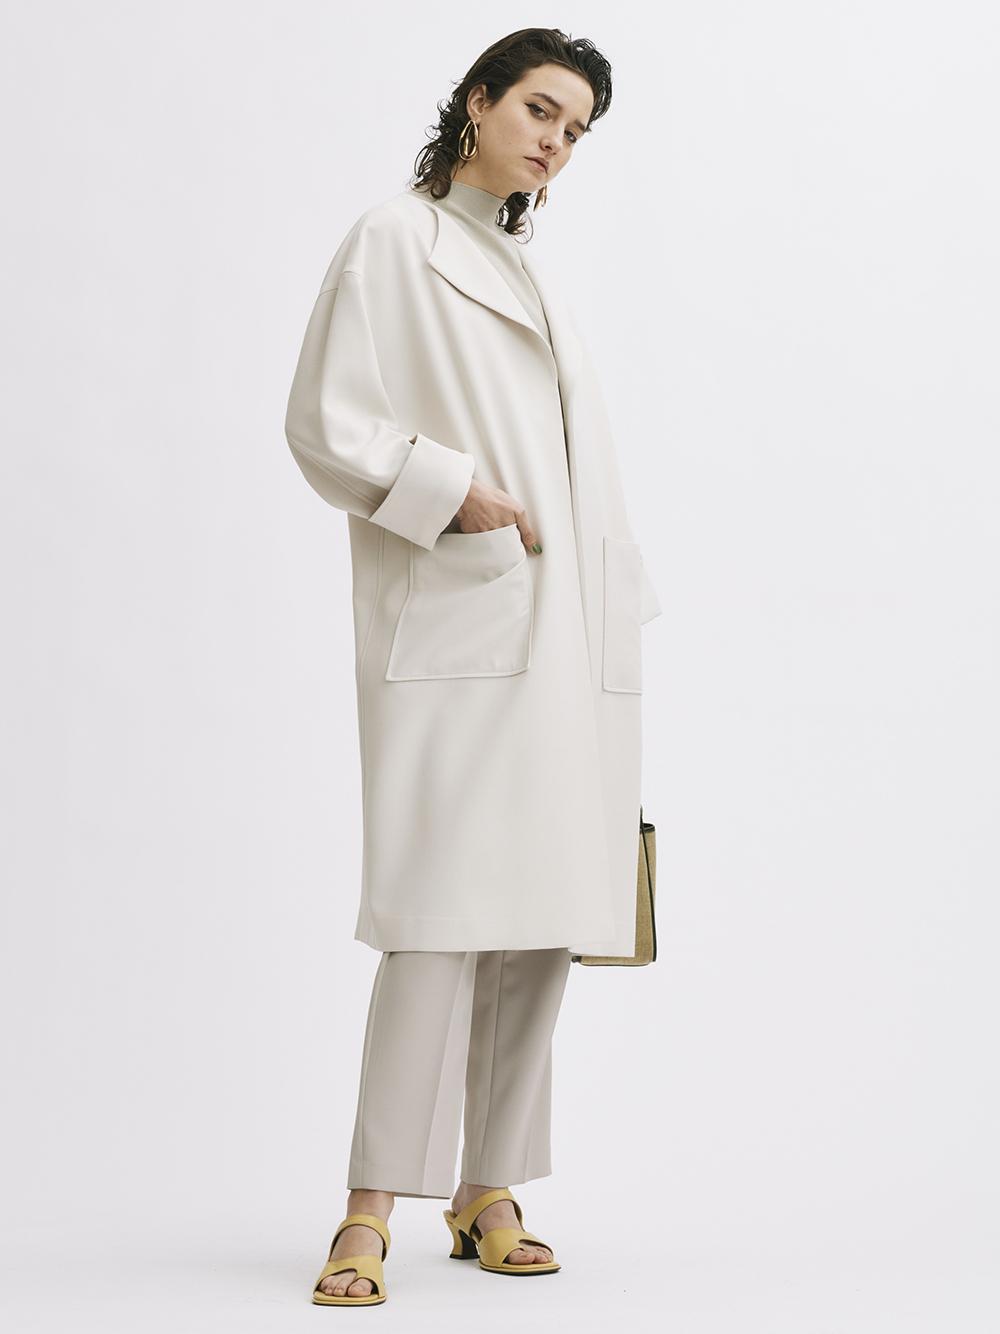 ラペルカラーボックス袖コート(IVR-0)